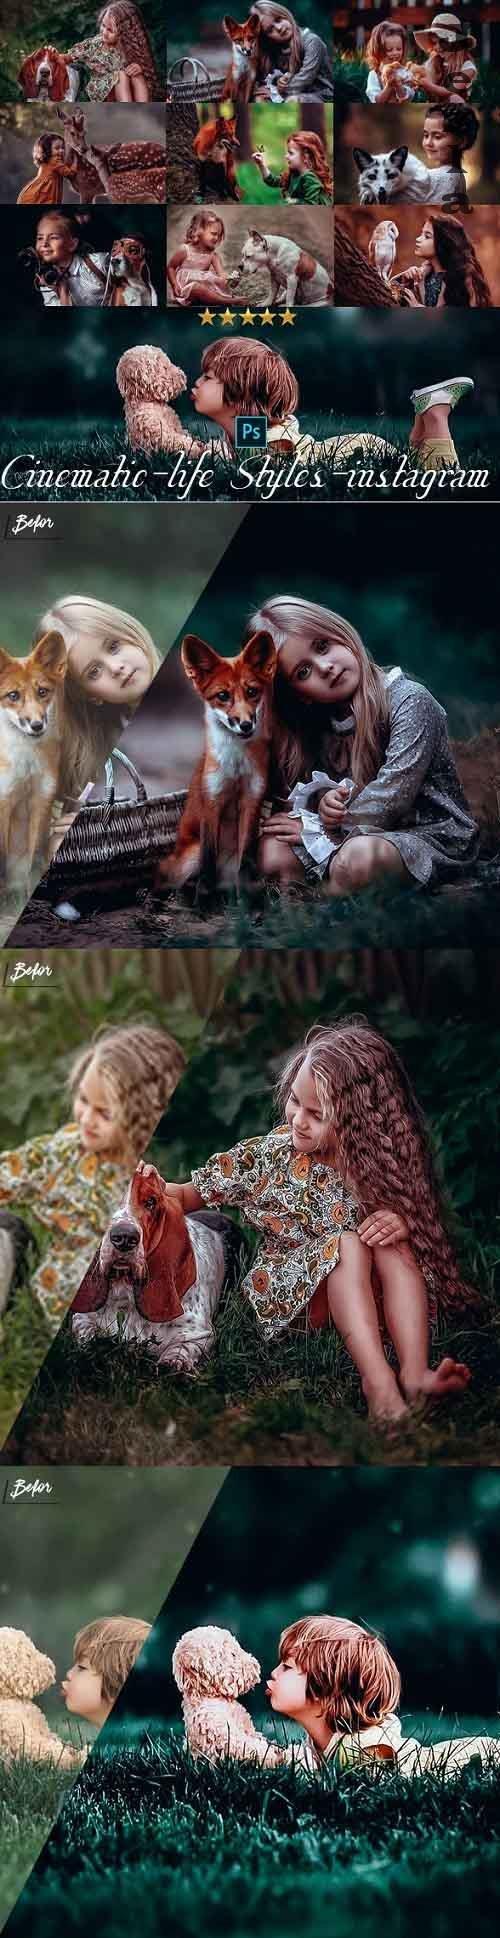 Portrait Cinematic Photoshop Actions - 25990069